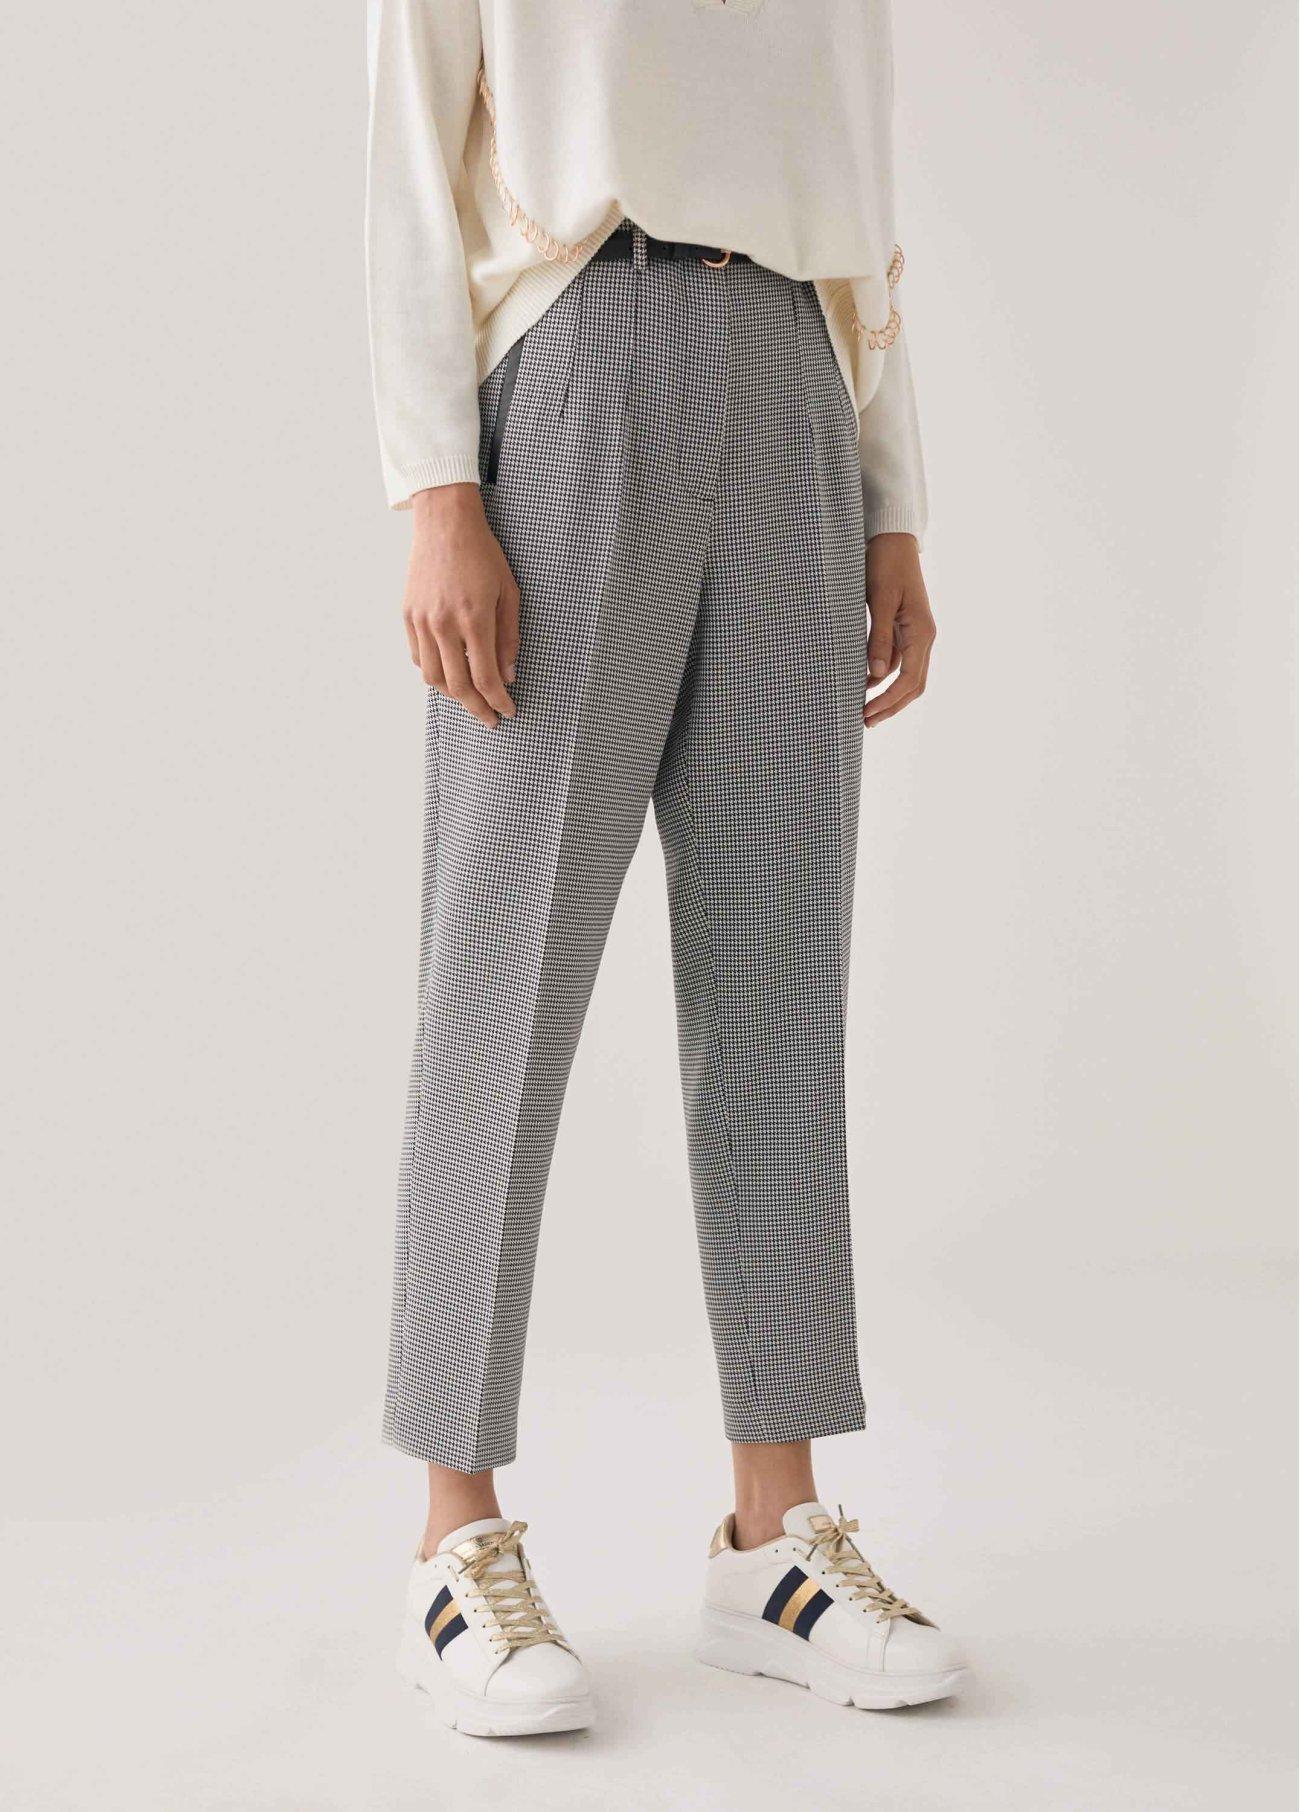 Pantalón pitillo de cuadro vichy, gris